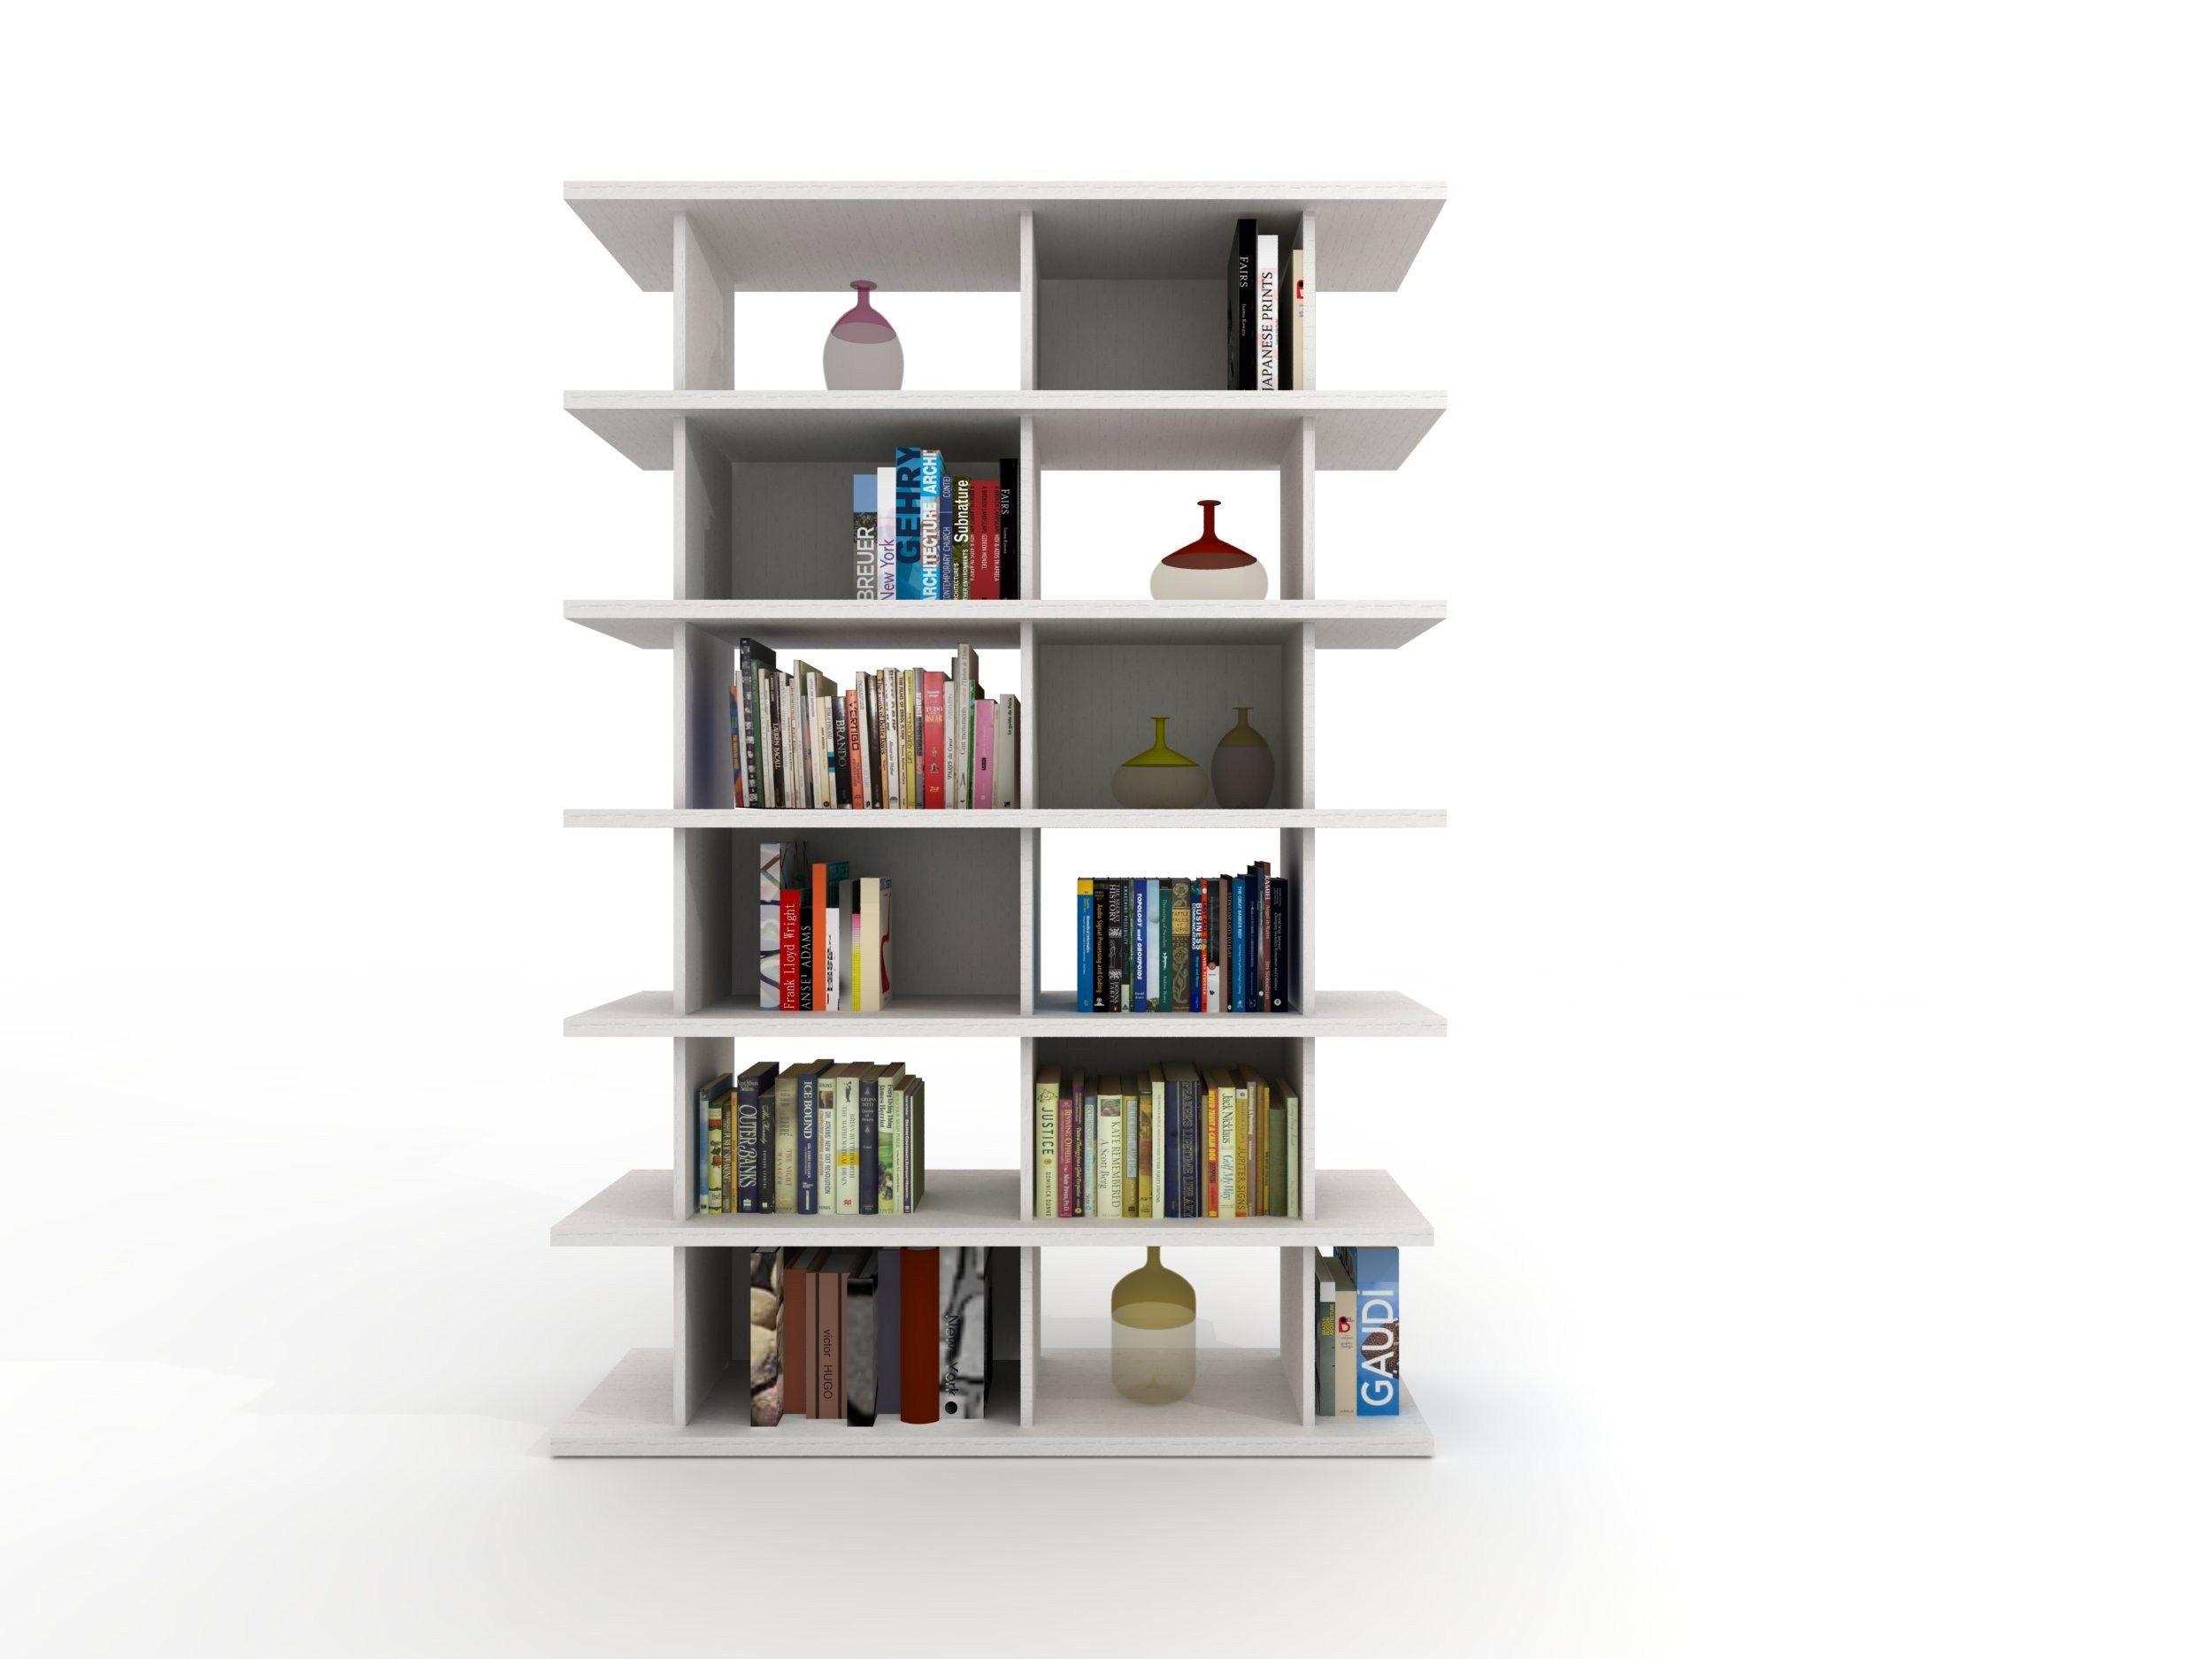 Libreria a giorno componibile modulare Z411  Libreria - Zalf